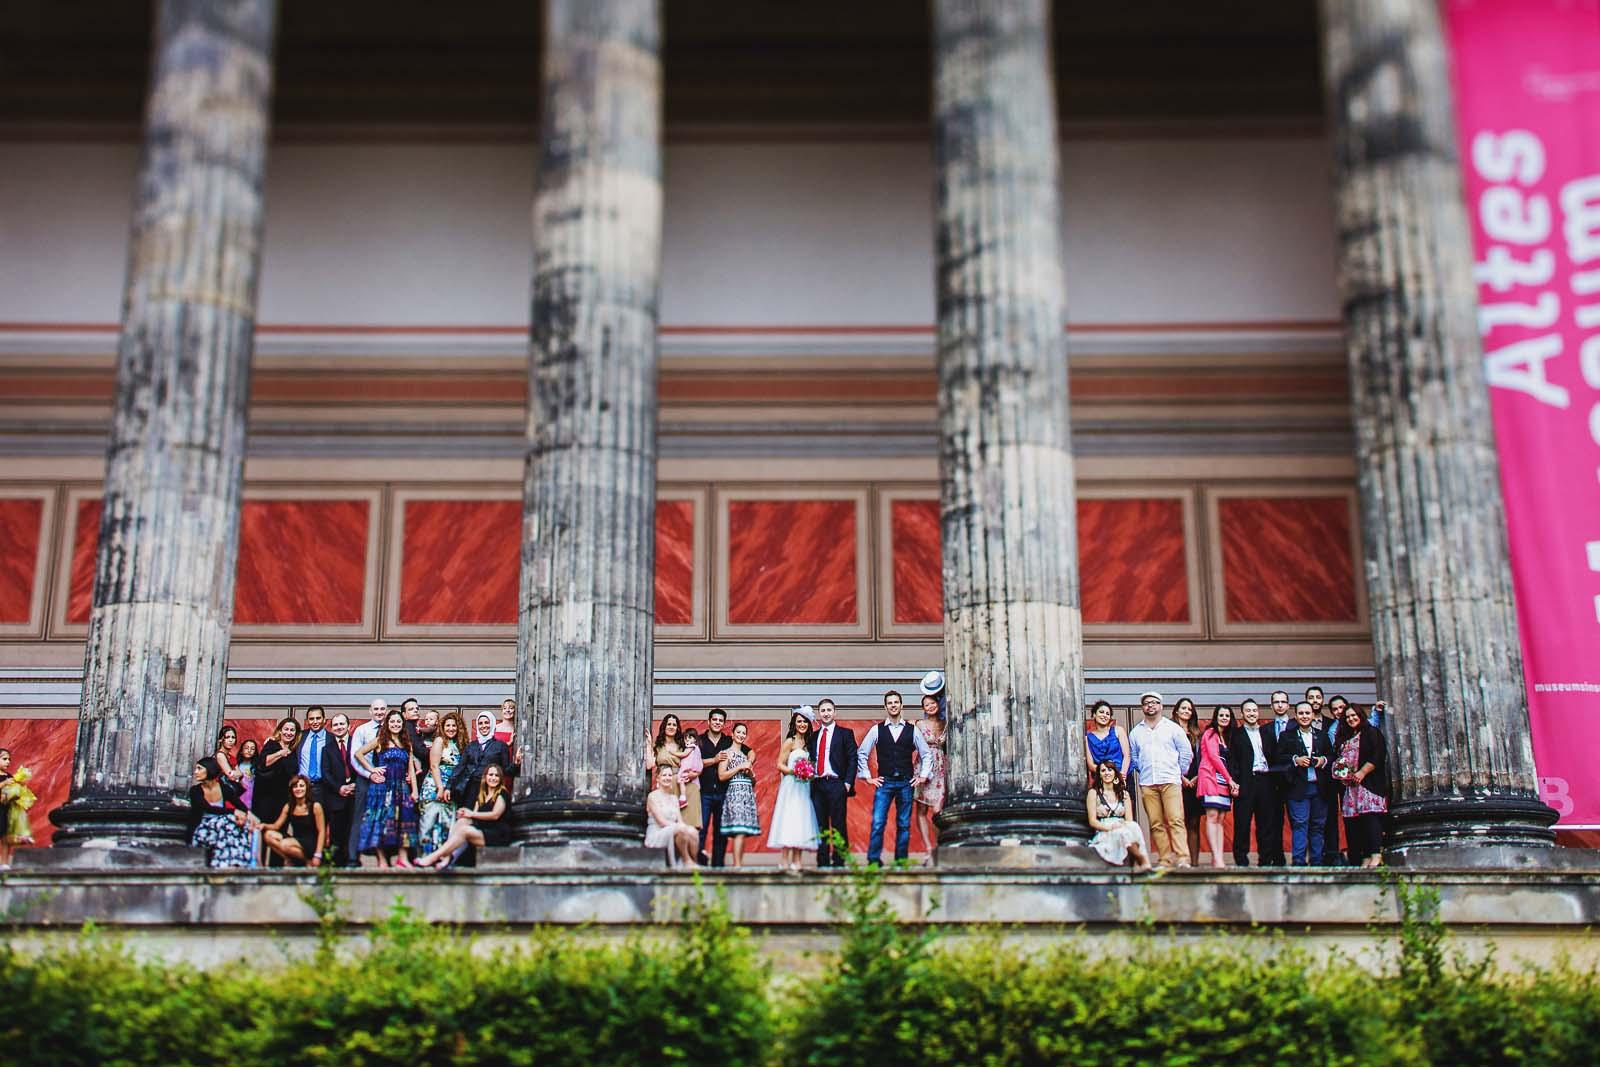 Gruppenfoto einer Hochzeitsgesellschaft am Alten Museum in Berlin Copyright by Hochzeitsfotograf www.berliner-hochzeitsfotografie.de